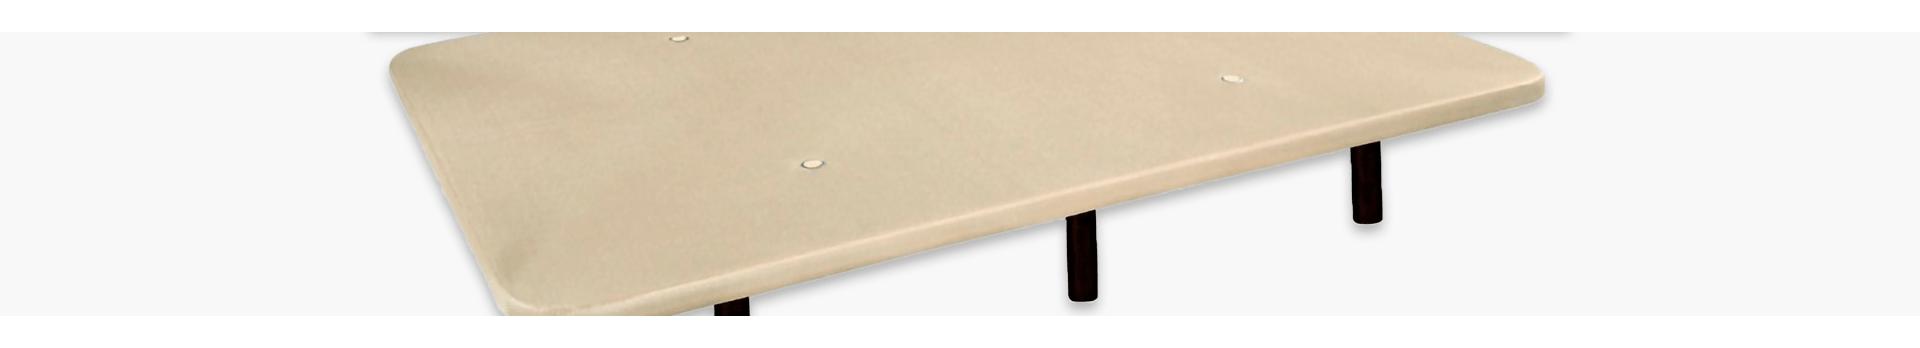 Bases para Cama | Descanso | Mobelfy ®